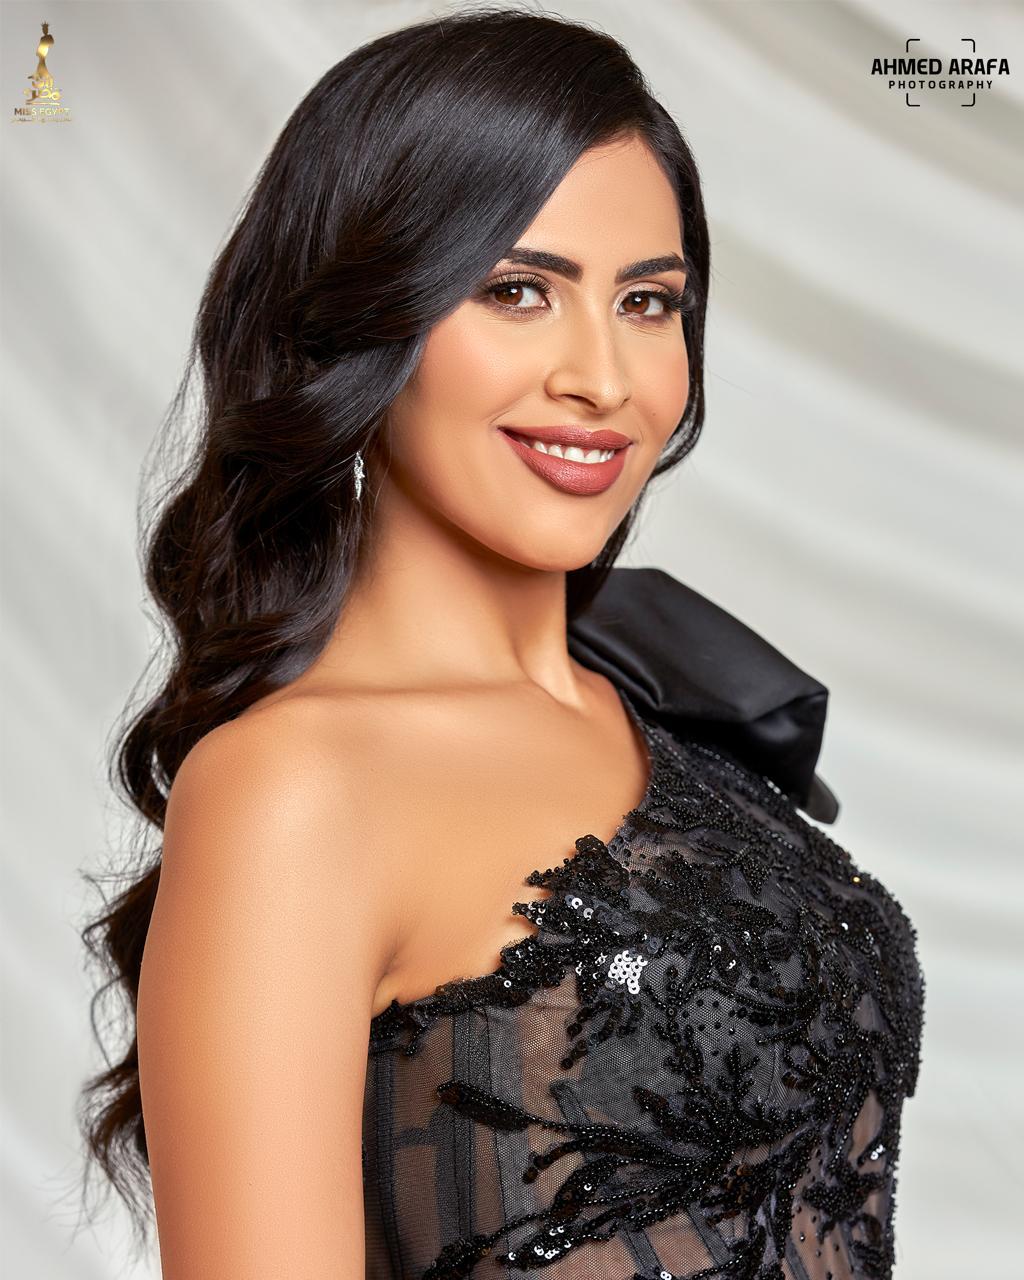 ملكة جمال مصر للسياحة والبيئة (2)